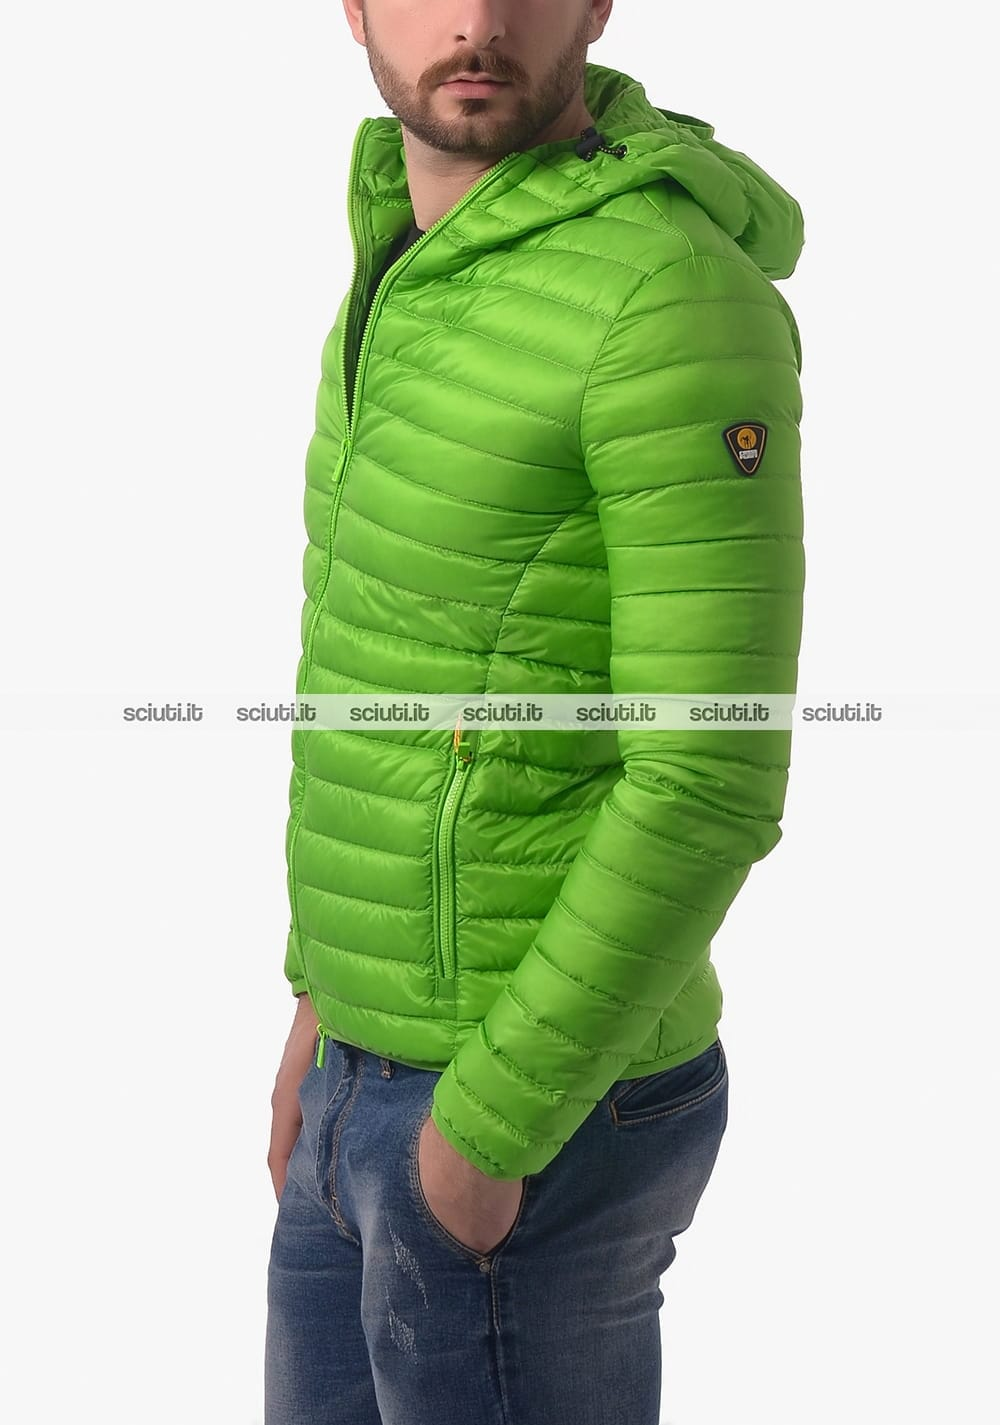 e532ff1e0c28a Piumino Ciesse uomo Larry con cappuccio verde